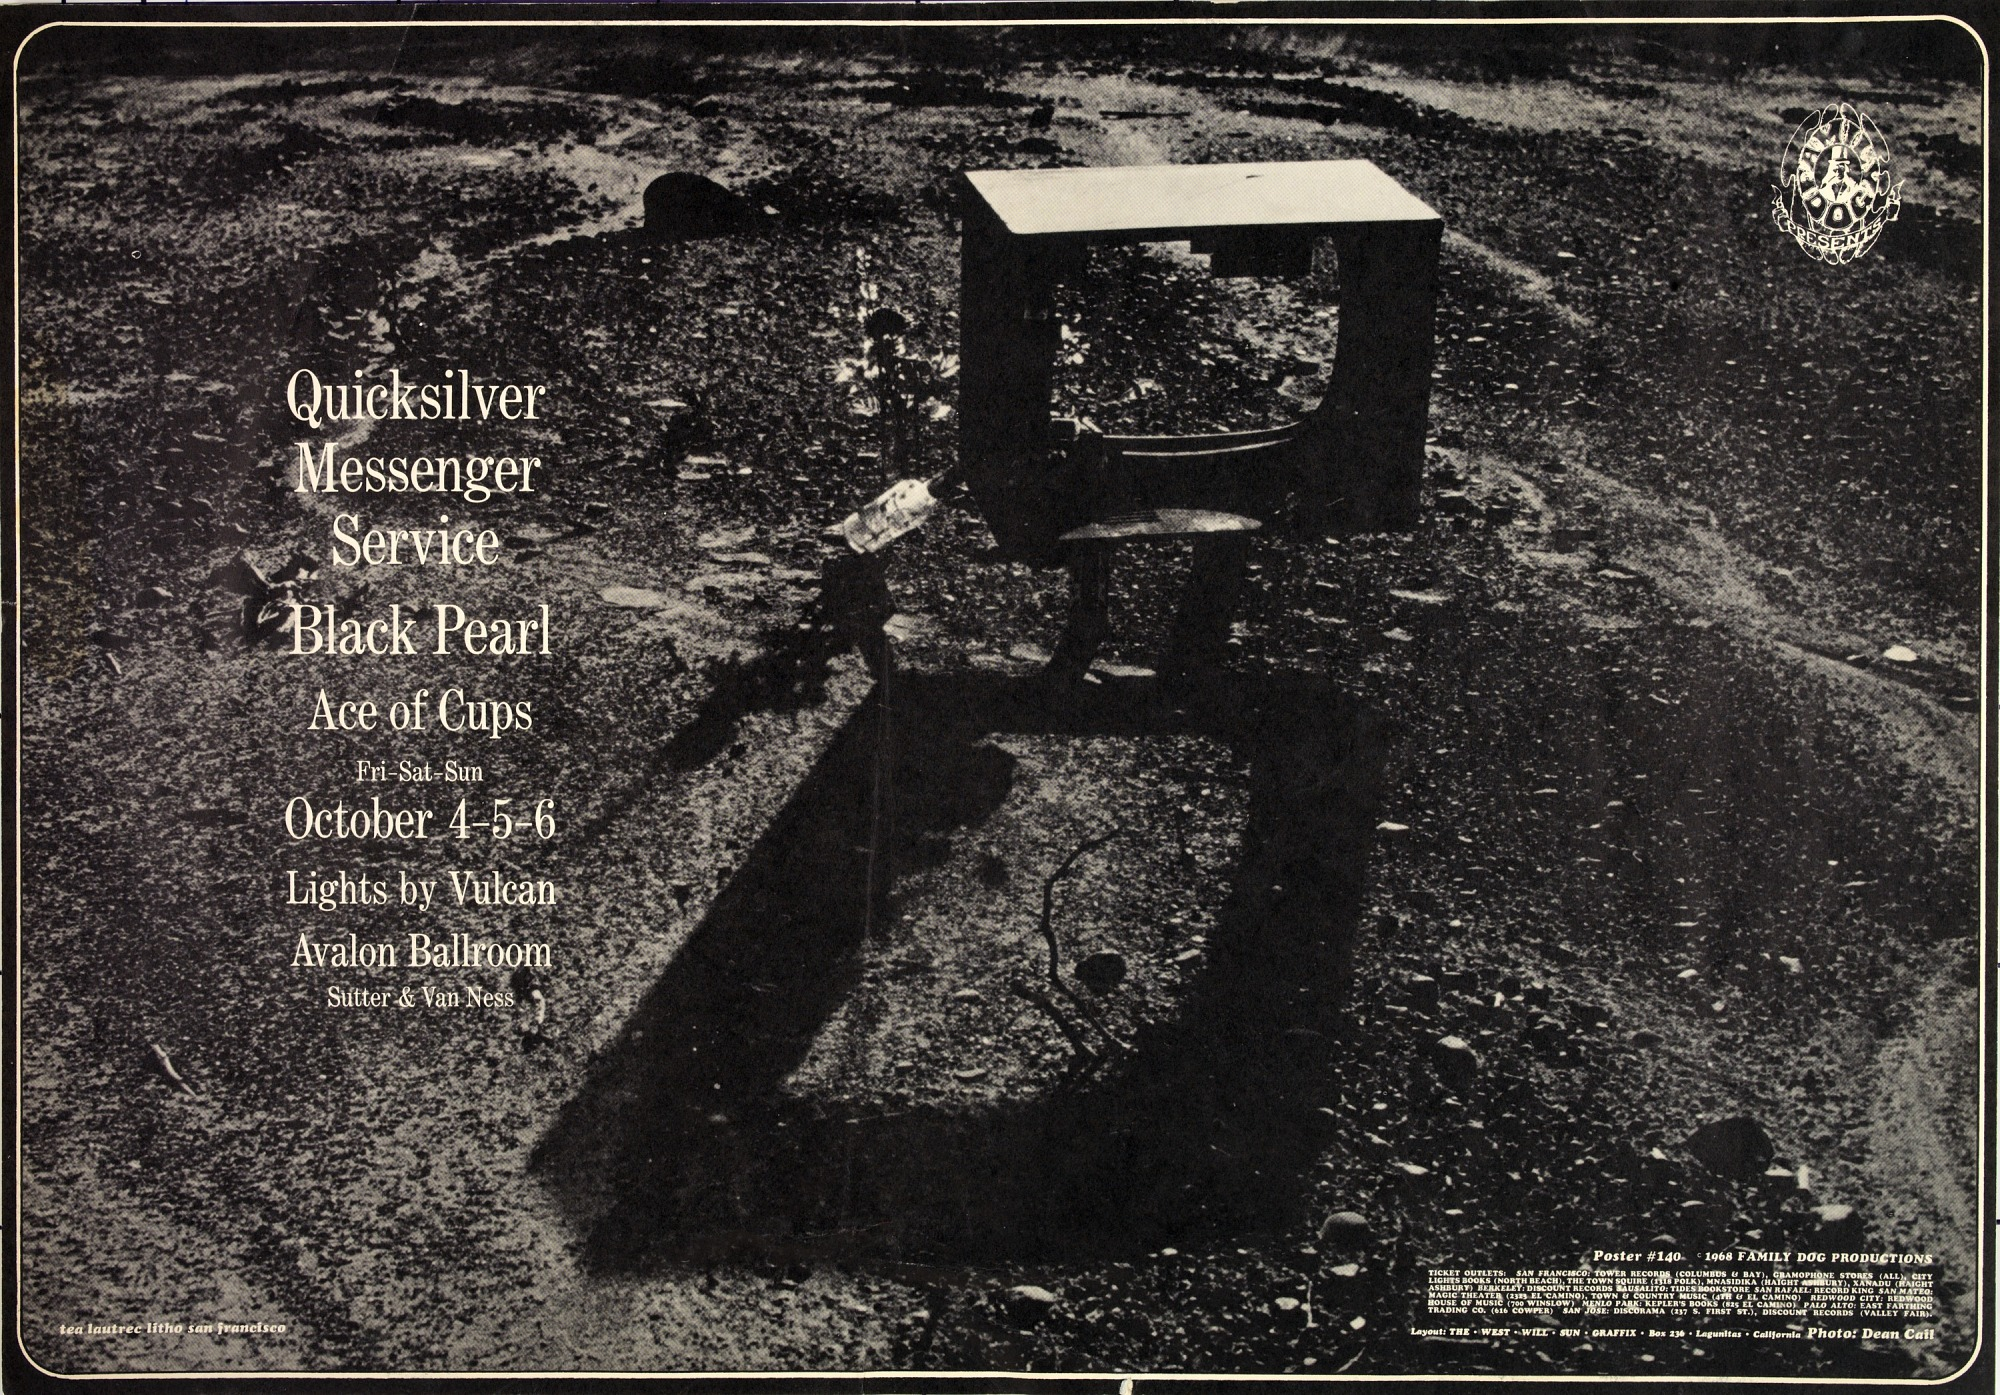 Image for Quicksilver Messenger Service, Black Pearl...Avalon Ballroom, San Francisco, California 10/4/68-10/6/68